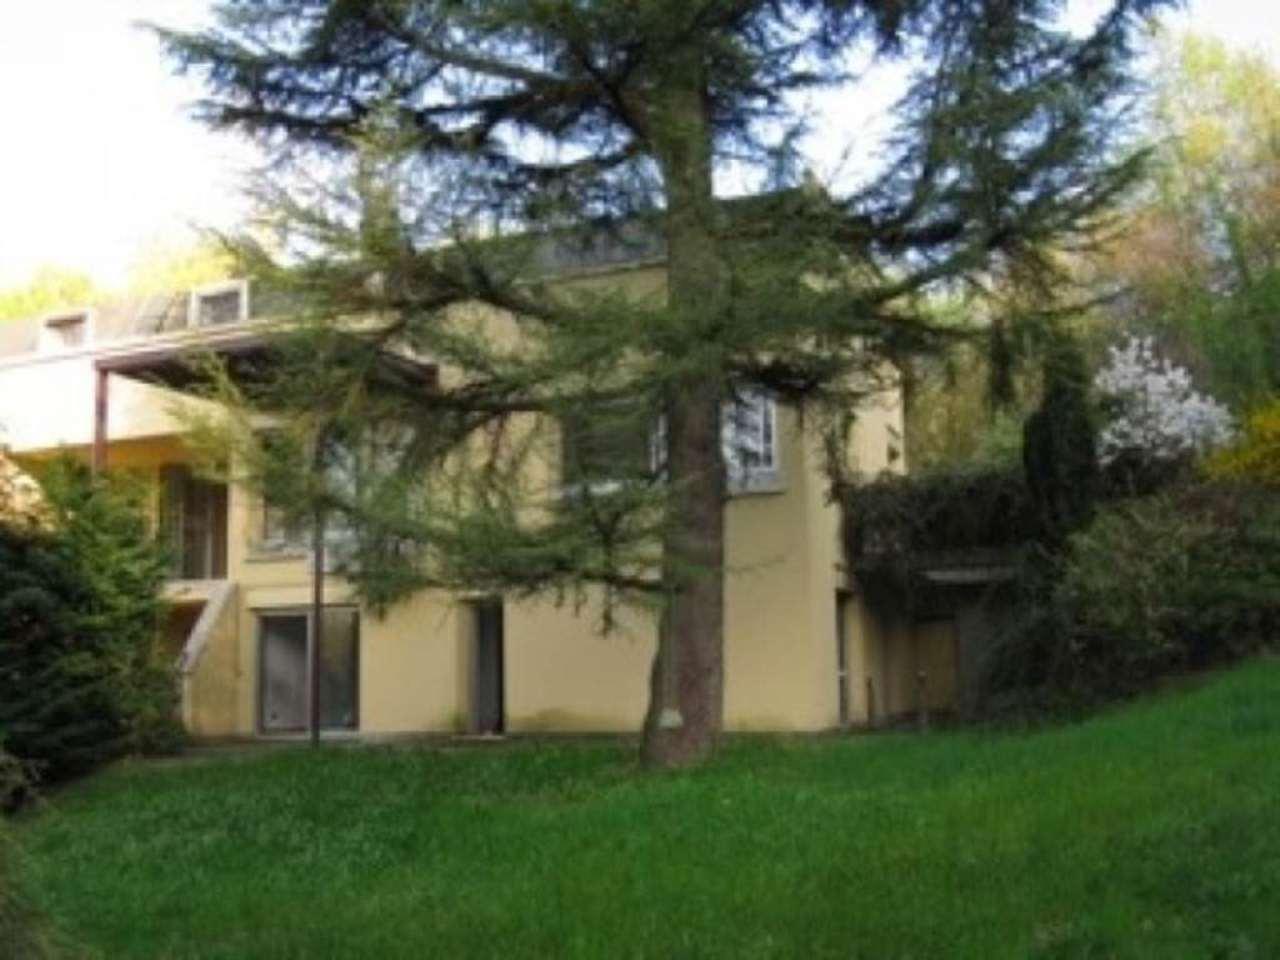 Villa in affitto a Torino, 6 locali, zona Zona: 5 . Collina, Precollina, Crimea, Borgo Po, Granmadre, Madonna del Pilone, Trattative riservate | CambioCasa.it